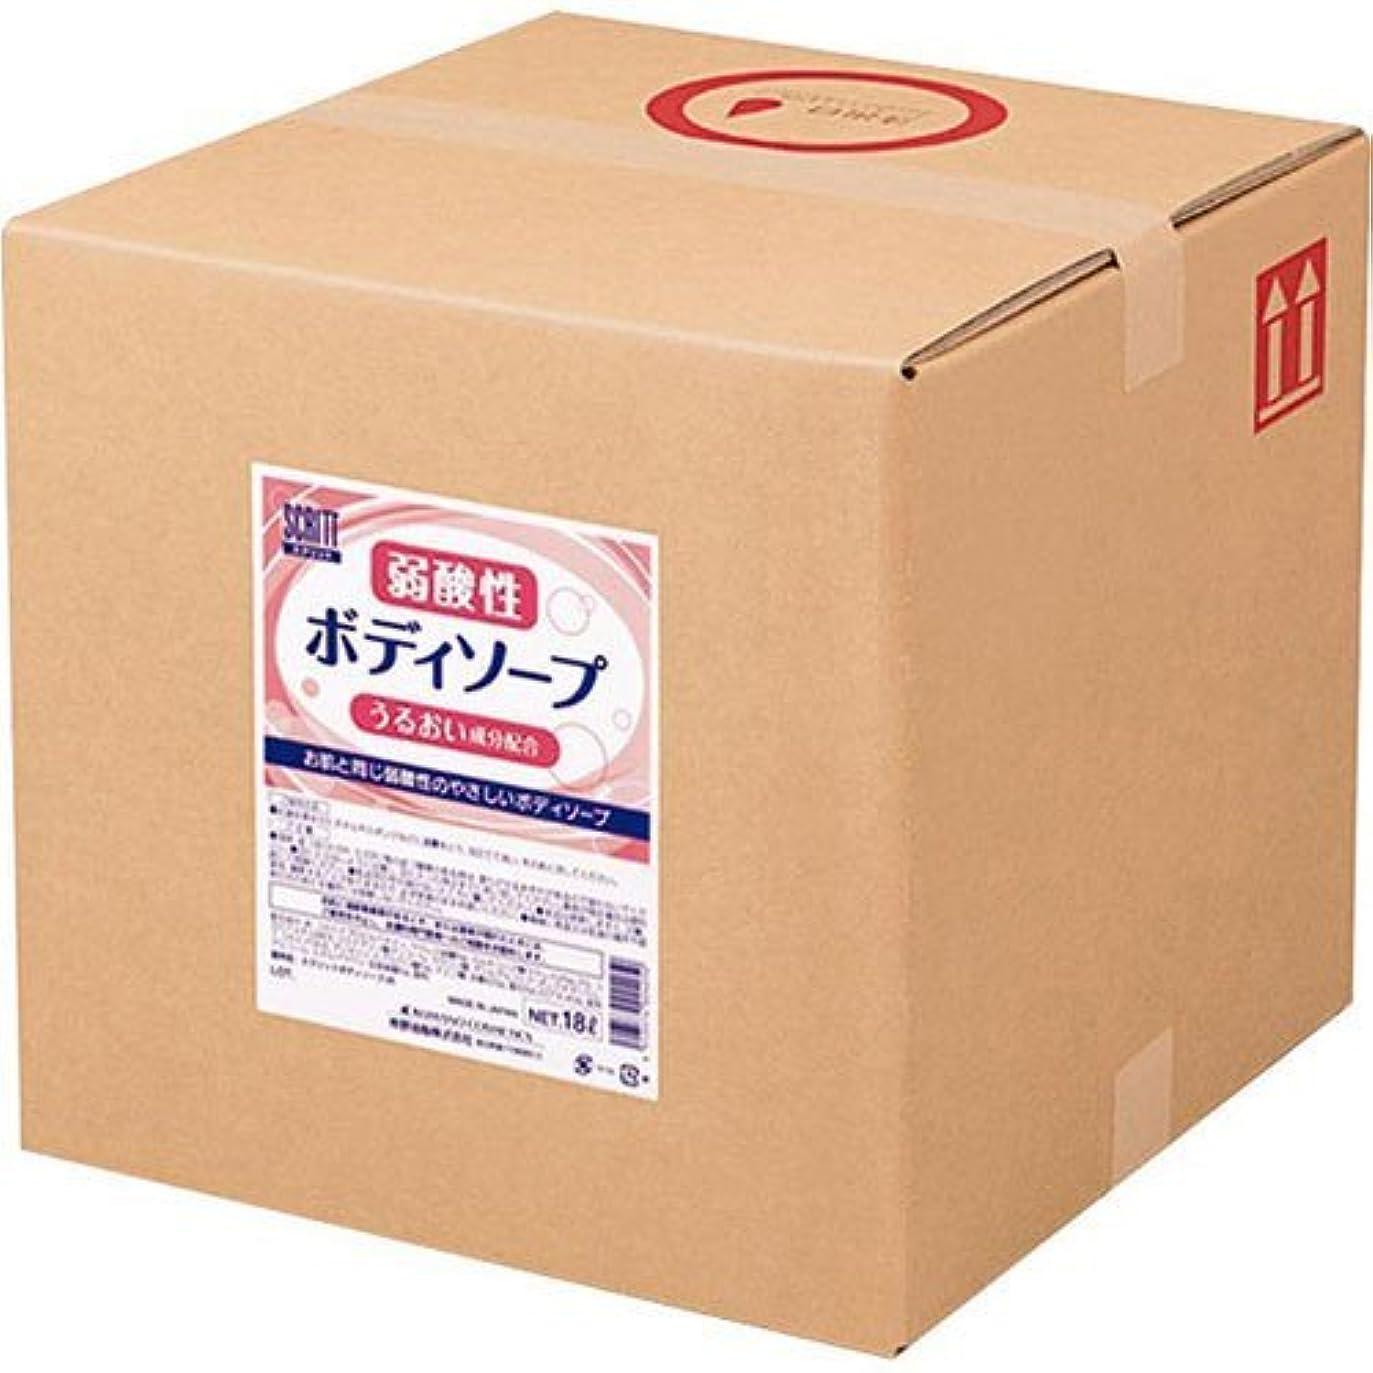 傾向重要俳優熊野油脂 業務用 SCRITT(スクリット) 弱酸性ボディソープ 18L